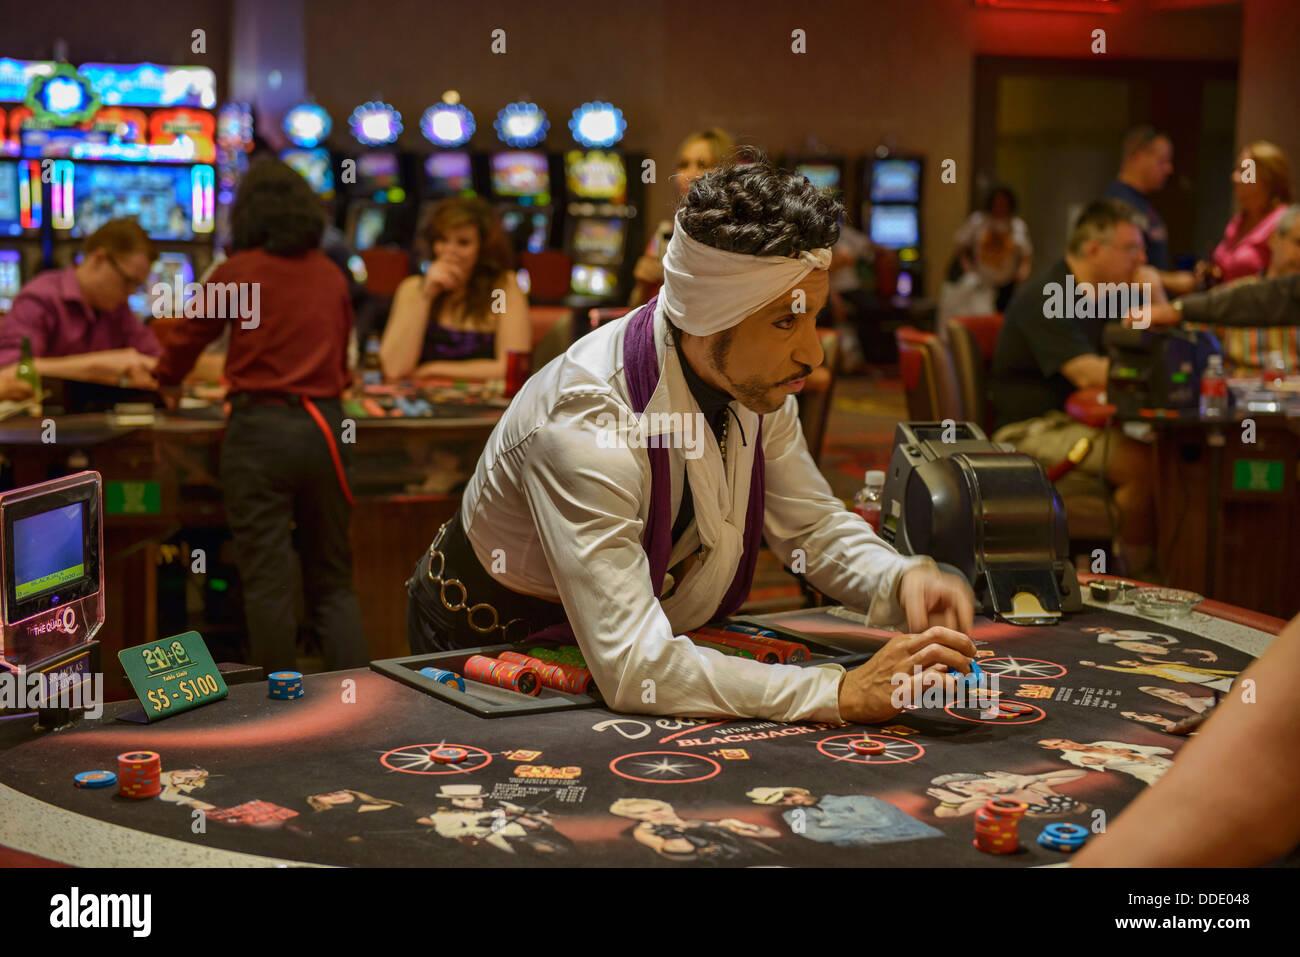 казино вулкан онлайн клуб вулкан казино играть на деньги от 100р